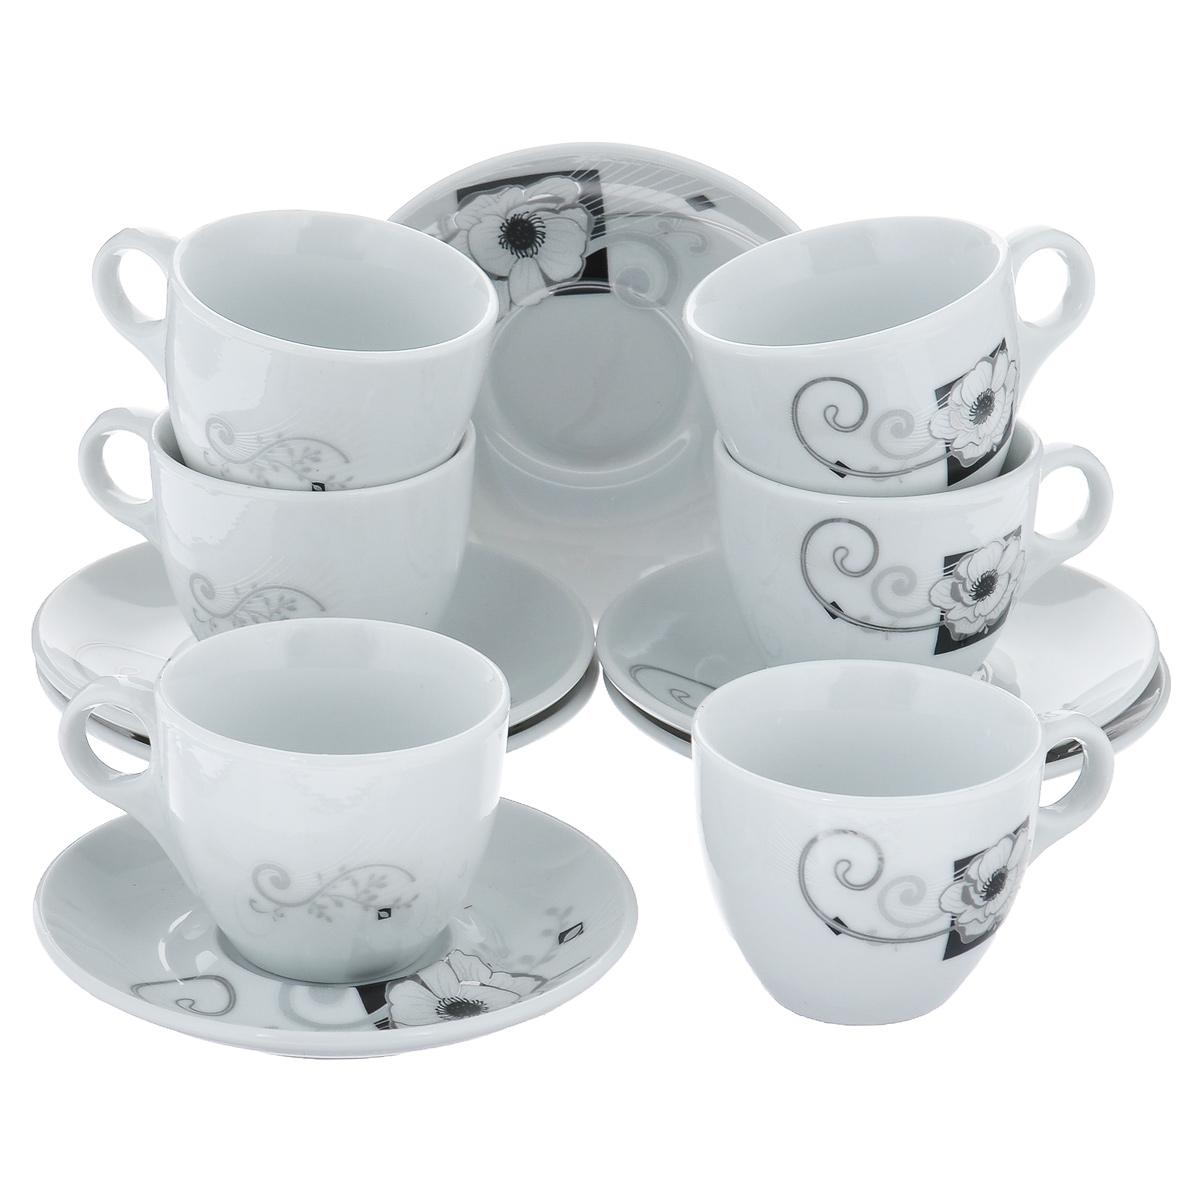 Набор кофейный Bekker, 12 предметов. BK-6815115510Набор кофейный Bekker состоит из 6 чашек и 6 блюдец. Чашки и блюдца изготовлены из высококачественного фарфора с изображением цветов. Такой дизайн, несомненно, придется по вкусу и ценителям классики, и тем, кто предпочитает утонченность и изящность. Набор кофейный на подставке Bekkerукрасит ваш кухонный стол, а также станет замечательным подарком к любому празднику. Набор упакован в подарочную коробку из плотного цветного картона. Внутренняя часть коробки задрапирована белой атласной тканью, и каждый предмет надежно крепится в определенном положении благодаря особым выемкам в коробке. Можно мыть в посудомоечной машине.